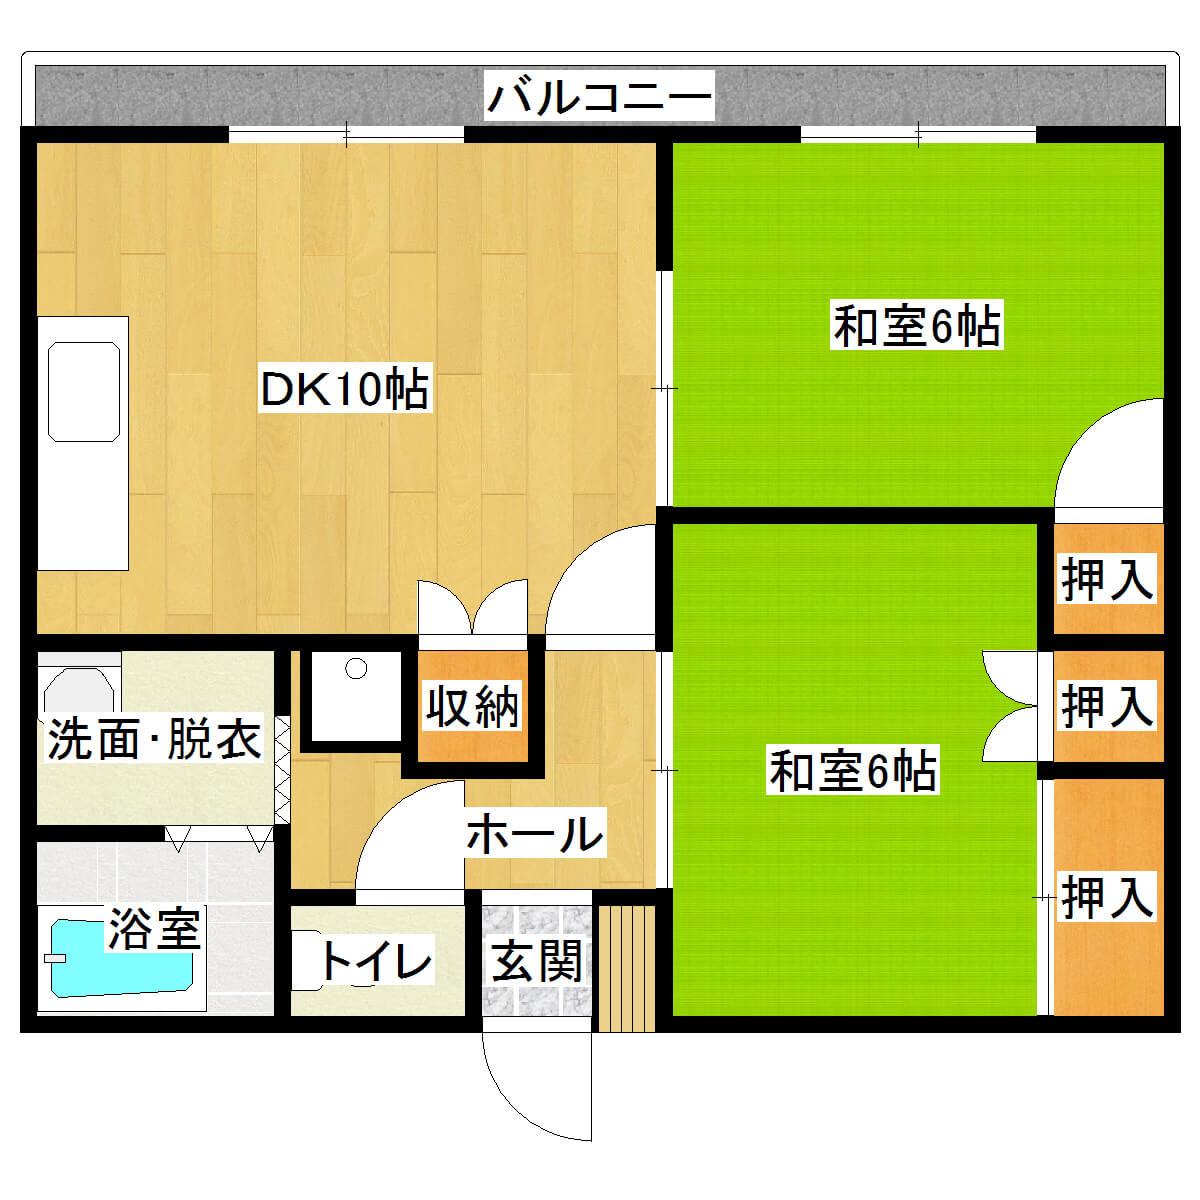 サンハイム 202号室の間取り図